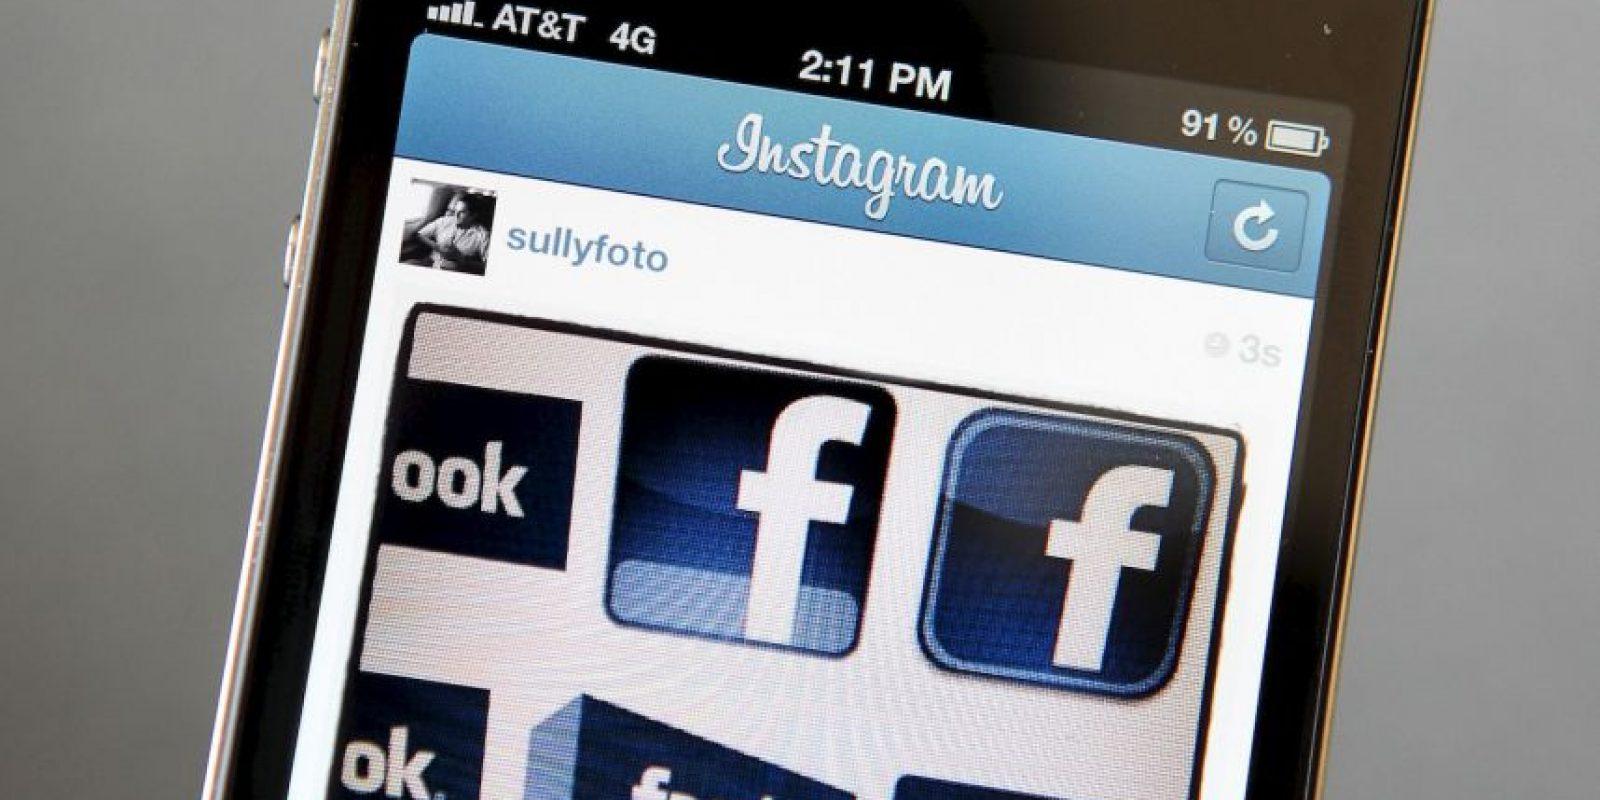 La supremacía de la imagen sobre el texto o el video se debe a la inmediatez de los tiempos modernos, donde disponemos de muy poco para revisar nuestras redes sociales y una foto es mucho más fácil de mirar, votar y compartir. Foto:Getty